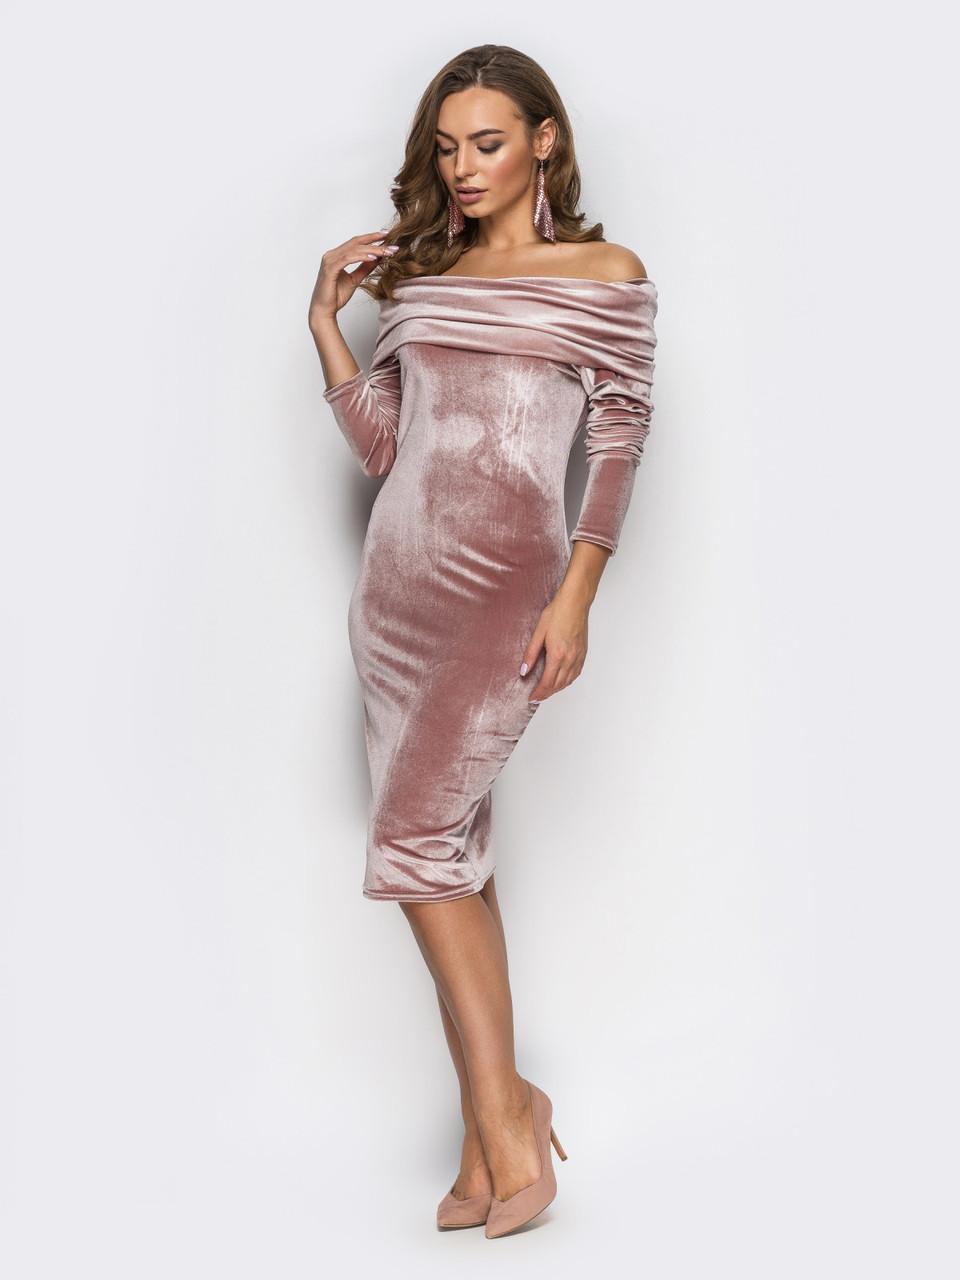 ae3e0528f245be3 Женское велюровое платье с открытими плечами и длинными рукавами 90249 48,  цена 599 грн., купить в Харькове — Prom.ua (ID#687177557)